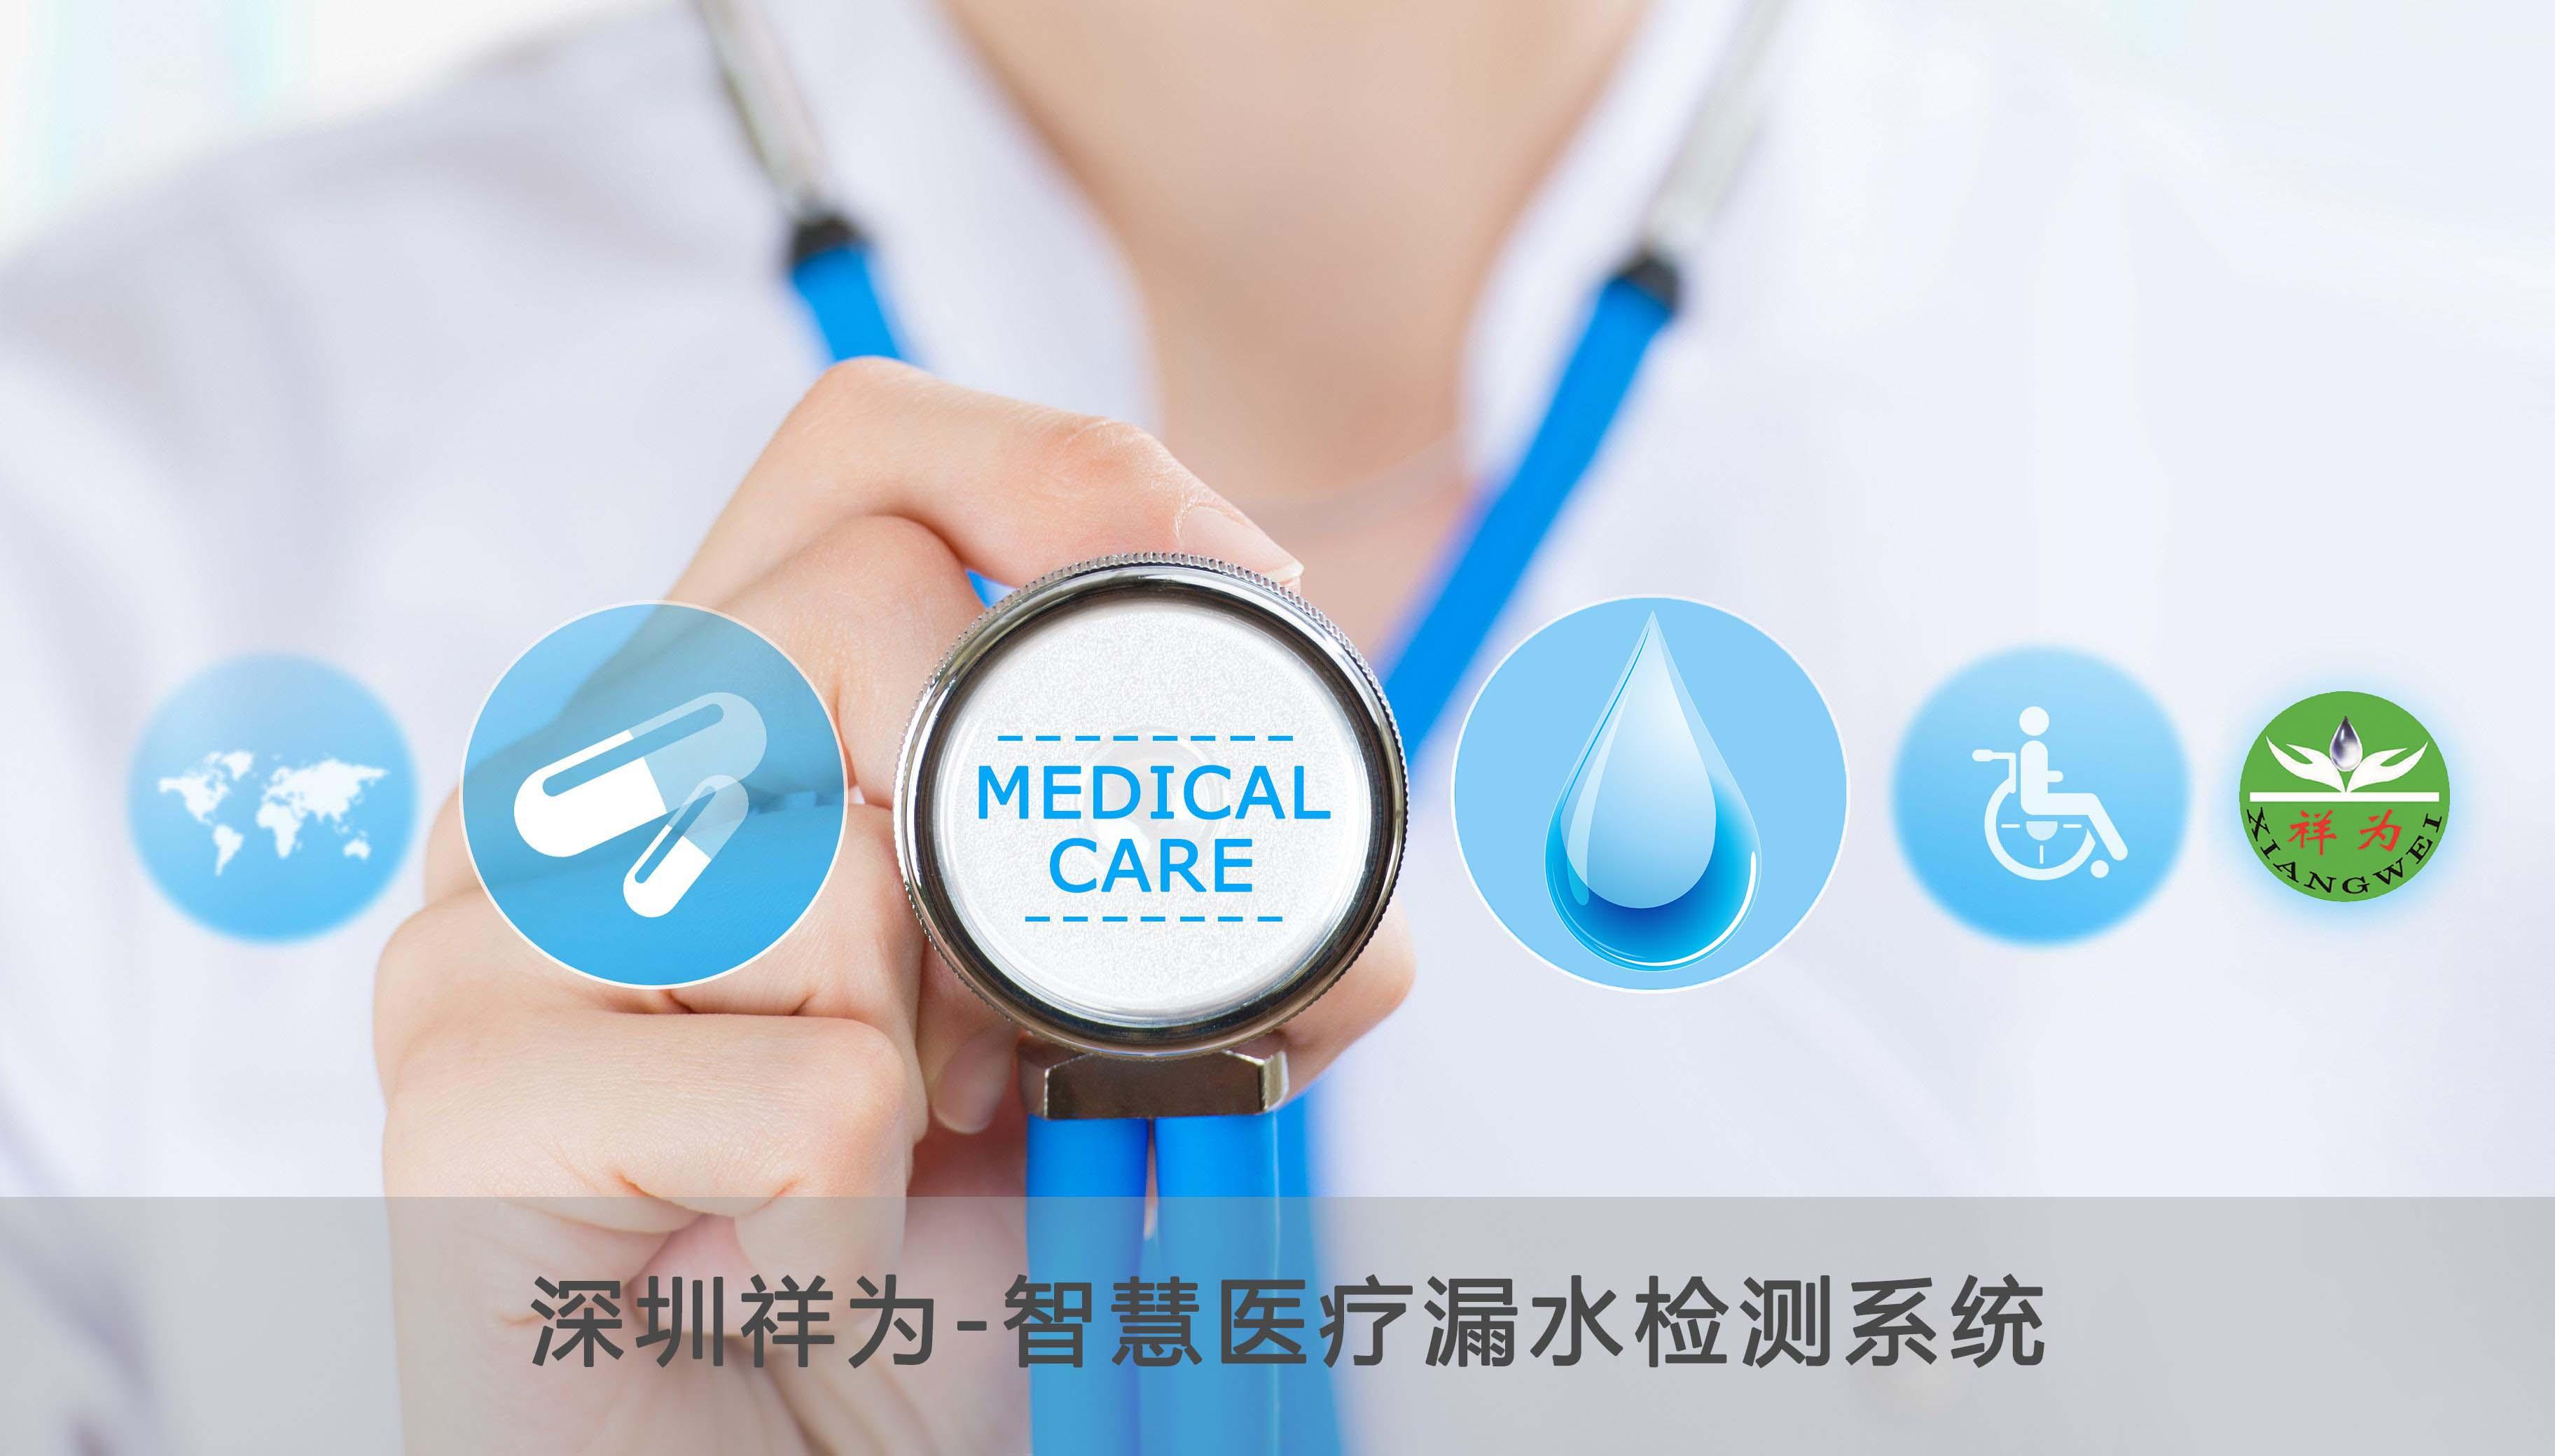 医院万博app官方下载检测系统